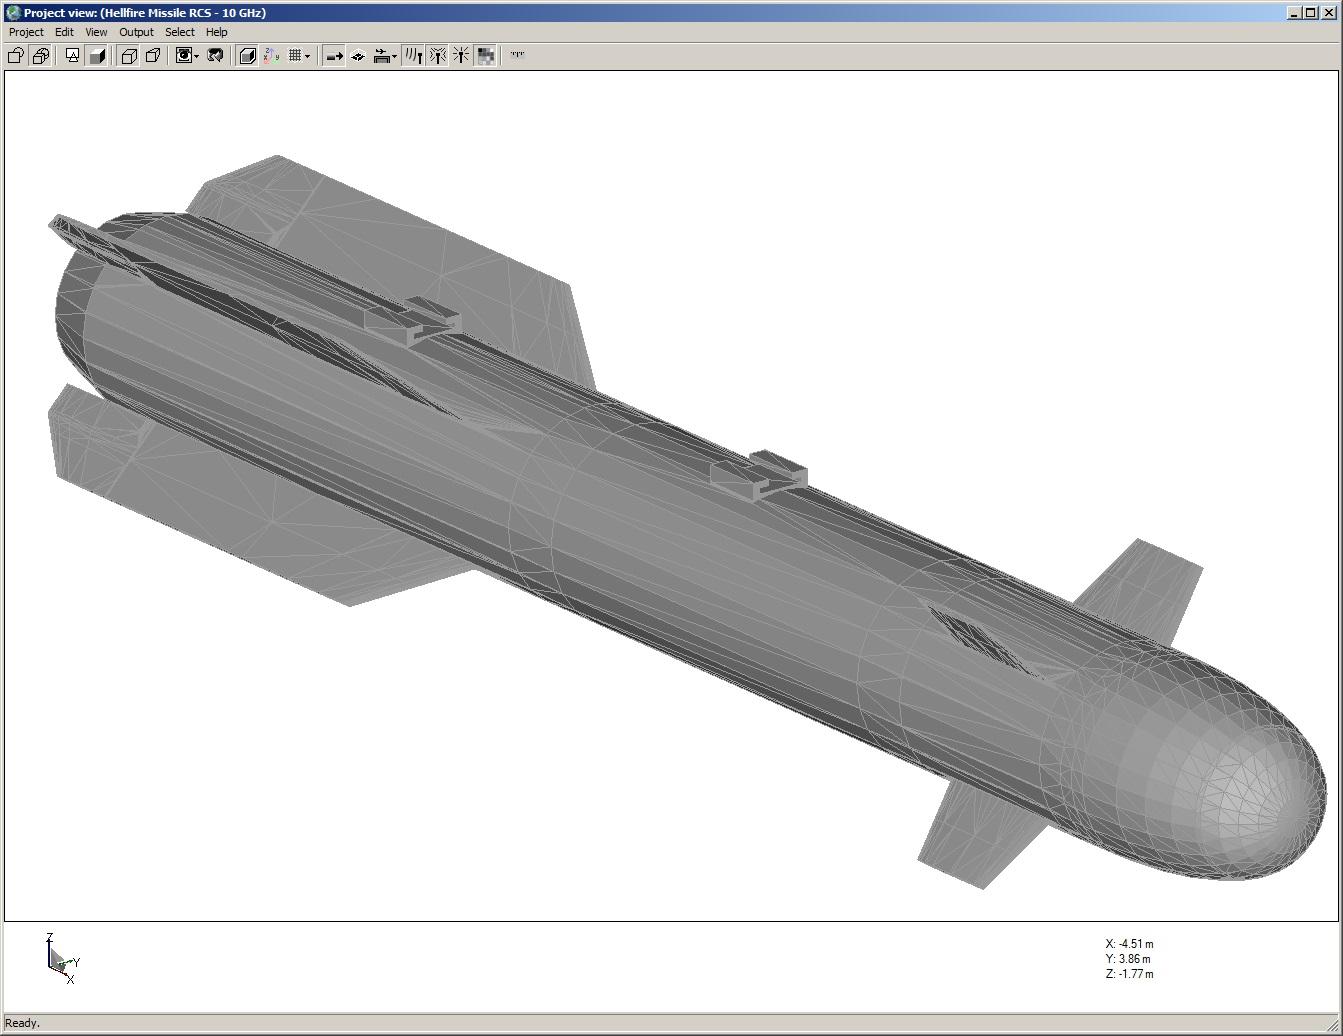 Figure 1: Hellfire missile geometry